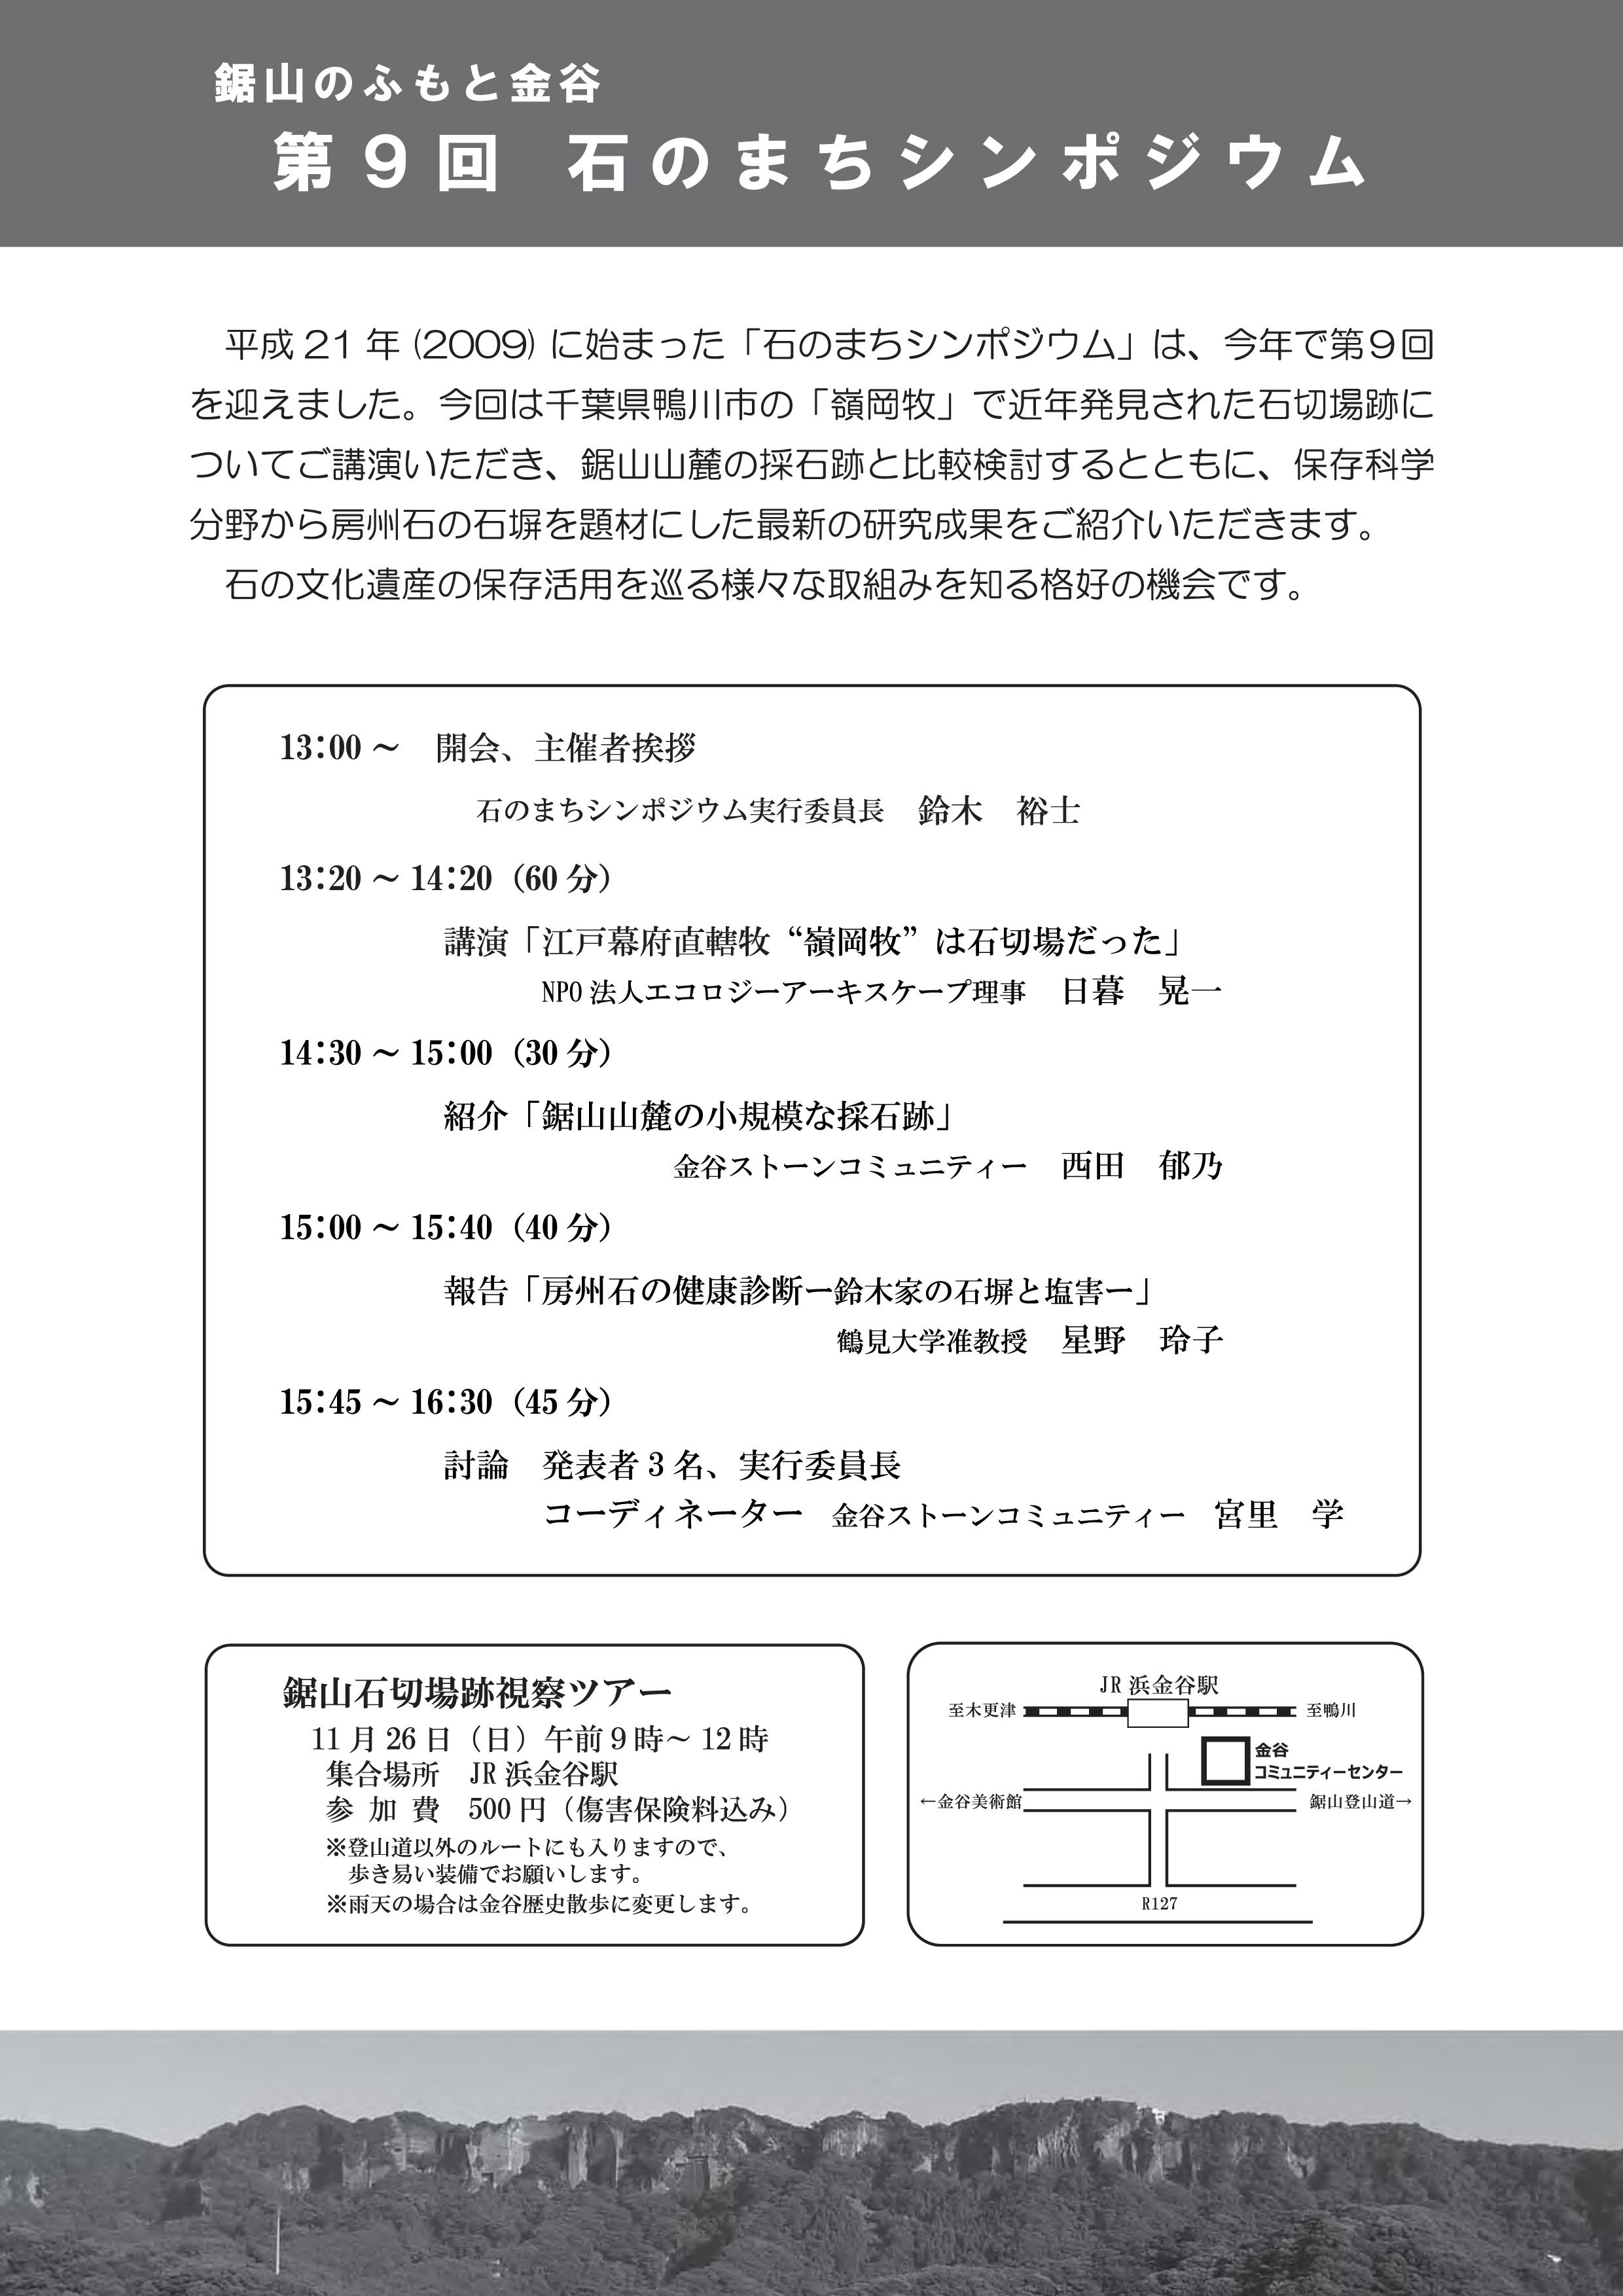 kanayashinnpo2.jpg